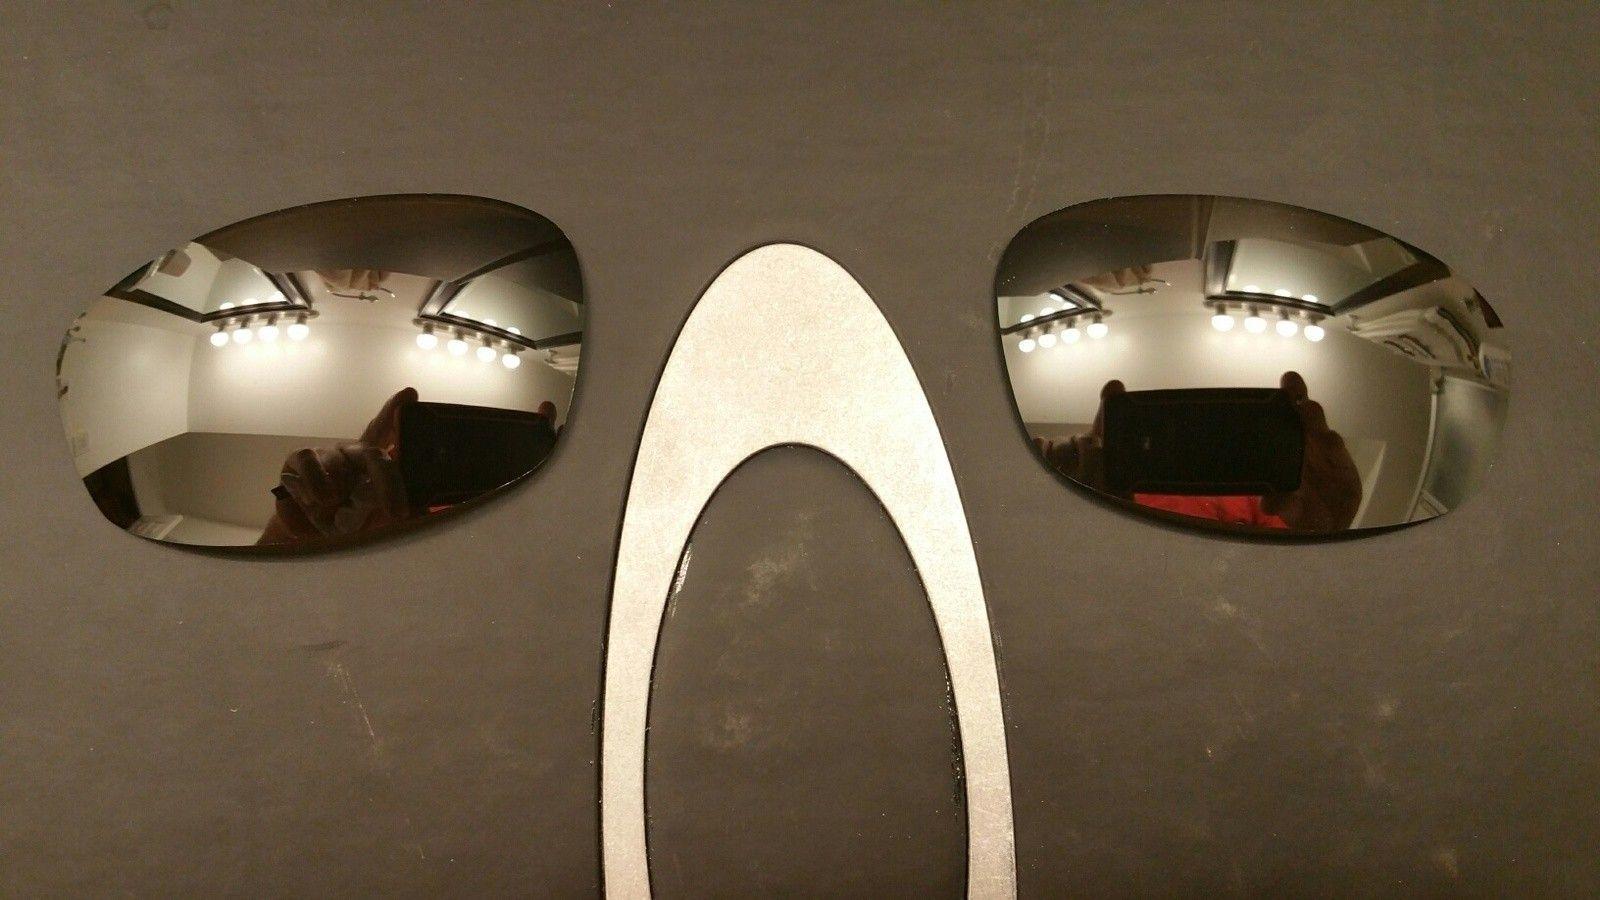 X-metal lenses - 20151223_184753_resized.jpg